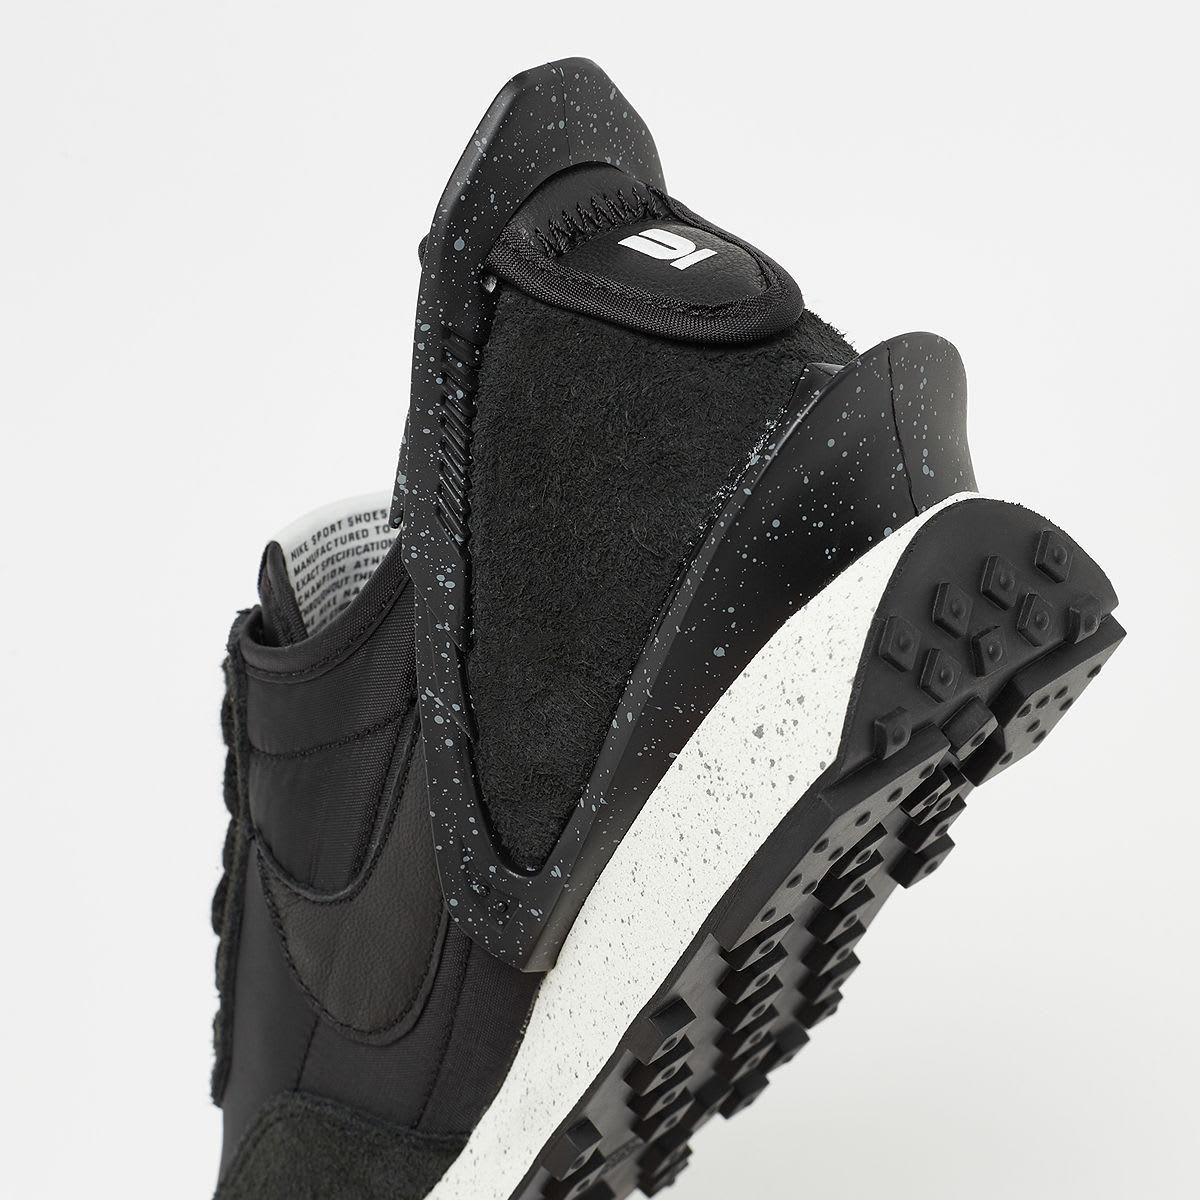 Undercover x Nike Daybreak CJ3295-001 (Heel)